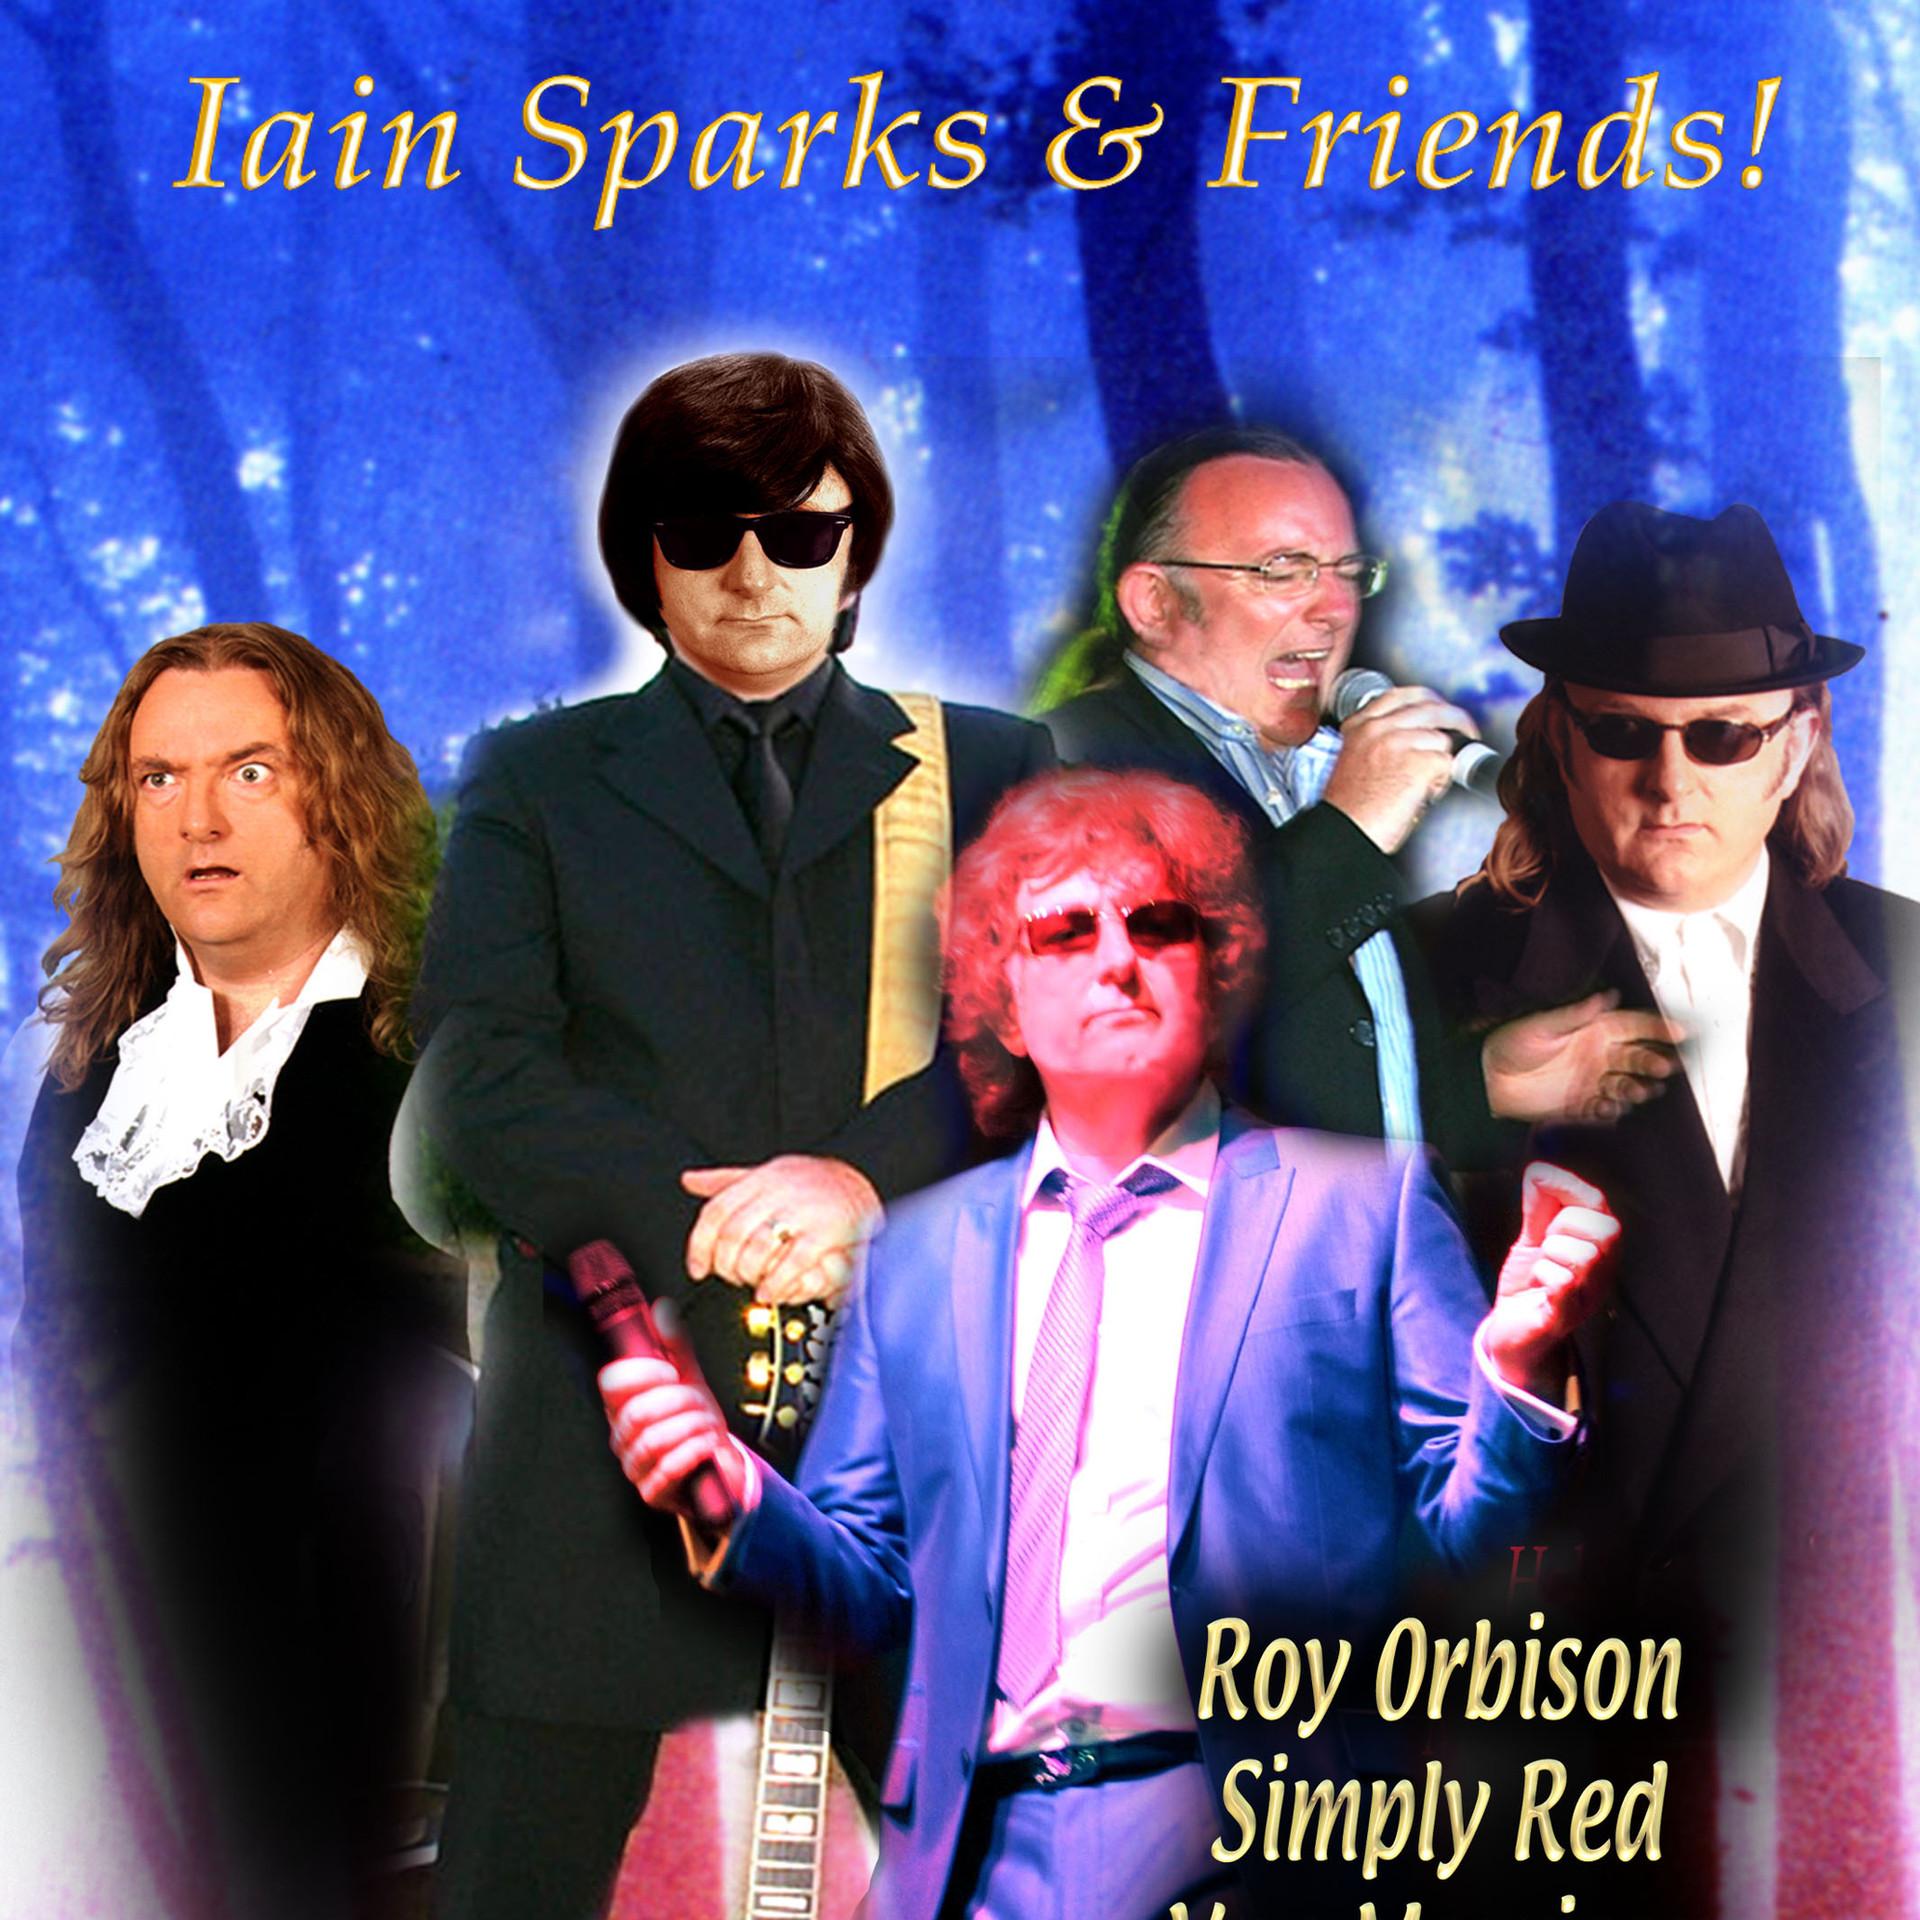 Iain Sparks & Friends